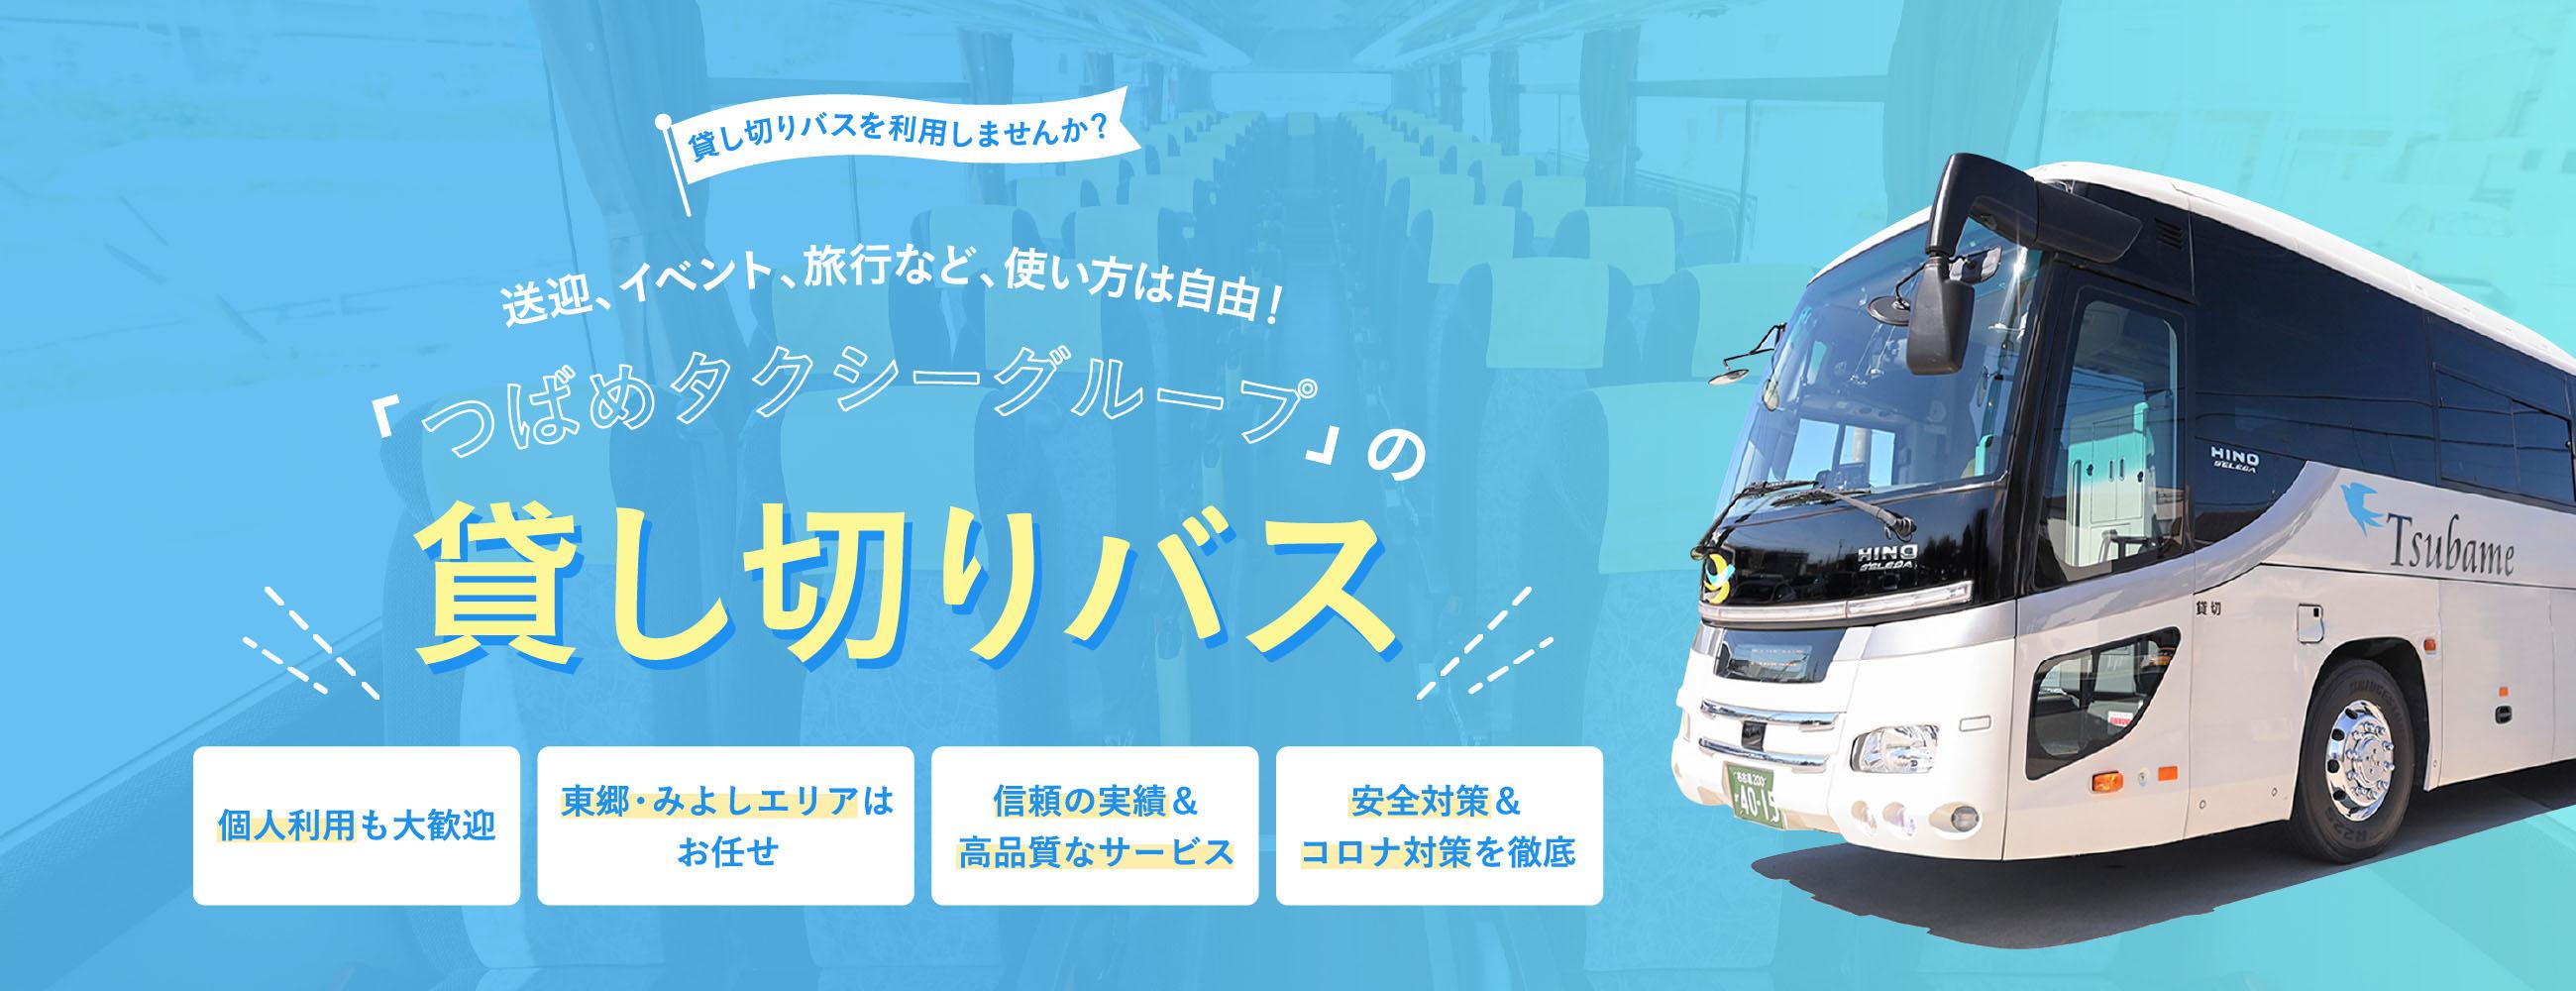 送迎、イベント、旅行など、使い方は自由!「つばめタクシーグループ」の貸し切りバス / 東郷・みよしエリアはお任せ